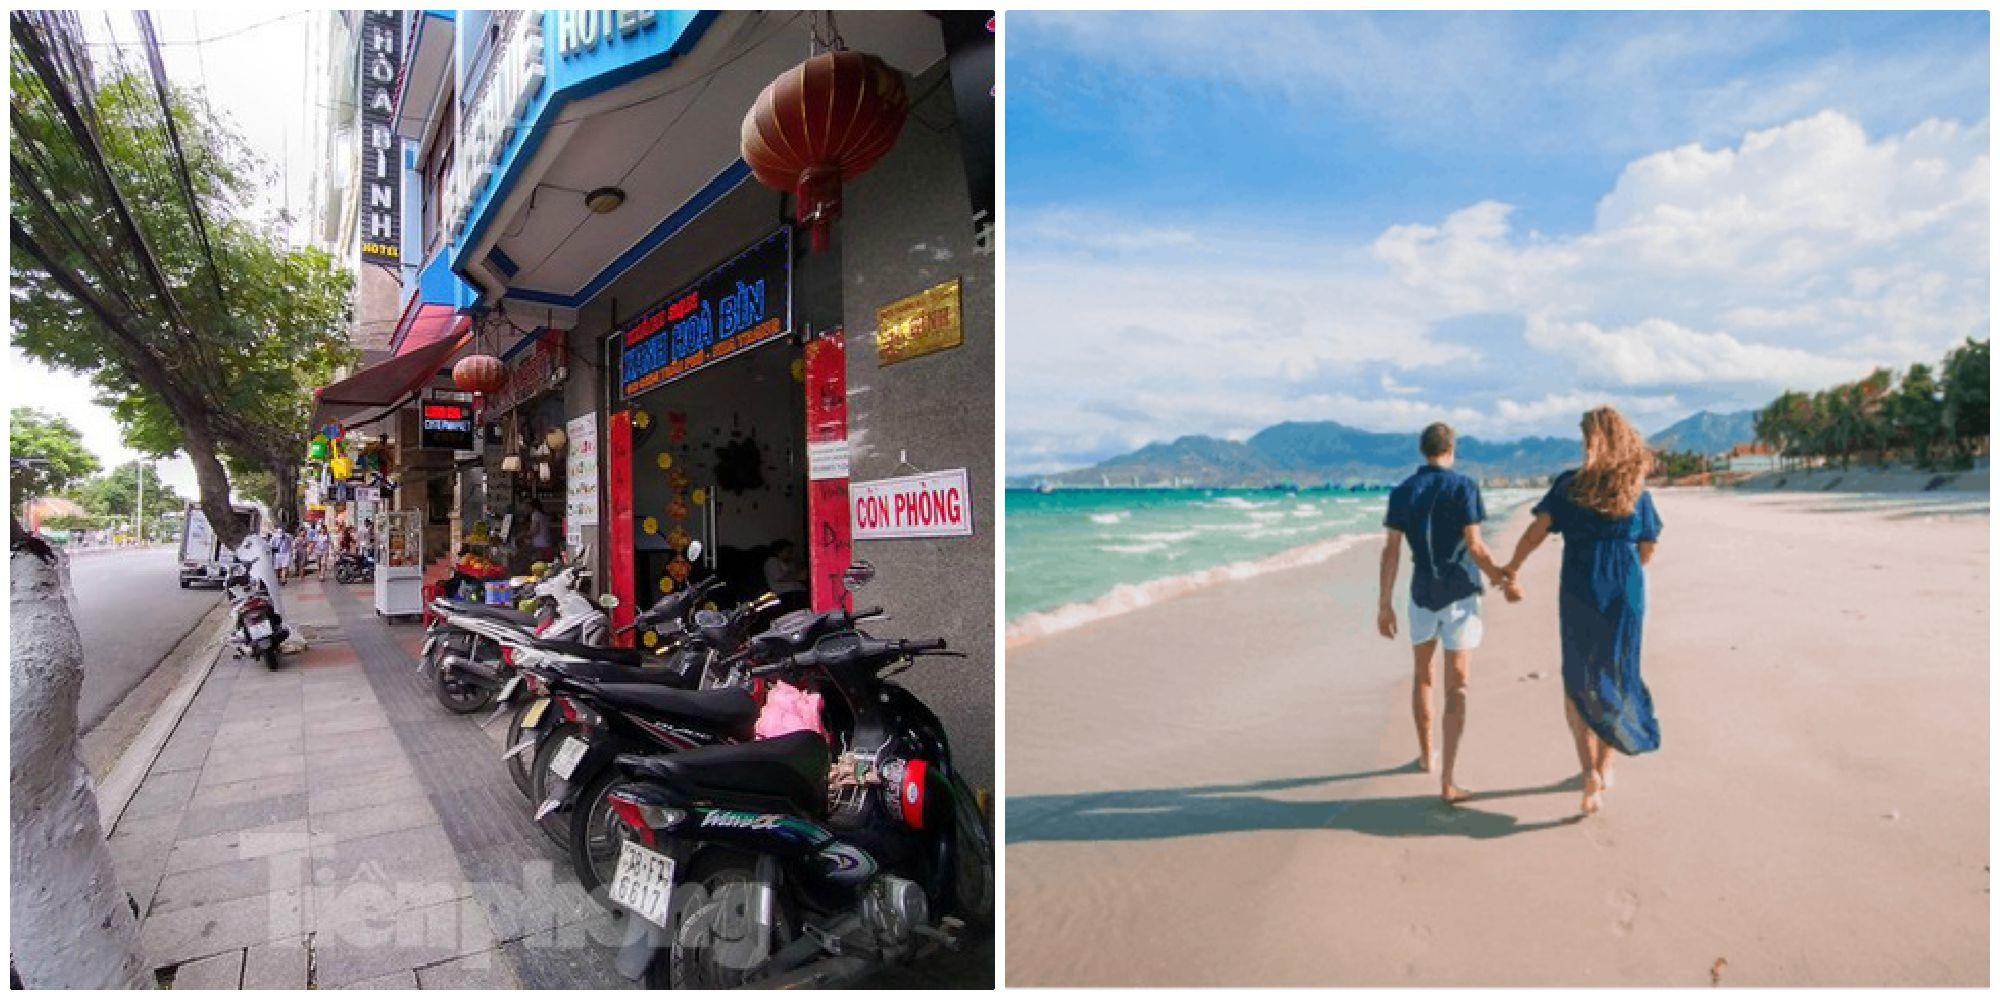 Loạt khách sạn, nhà hàng Nha Trang ế ẩm, vắng khách giữa mùa du lịch vì dịch nCoV